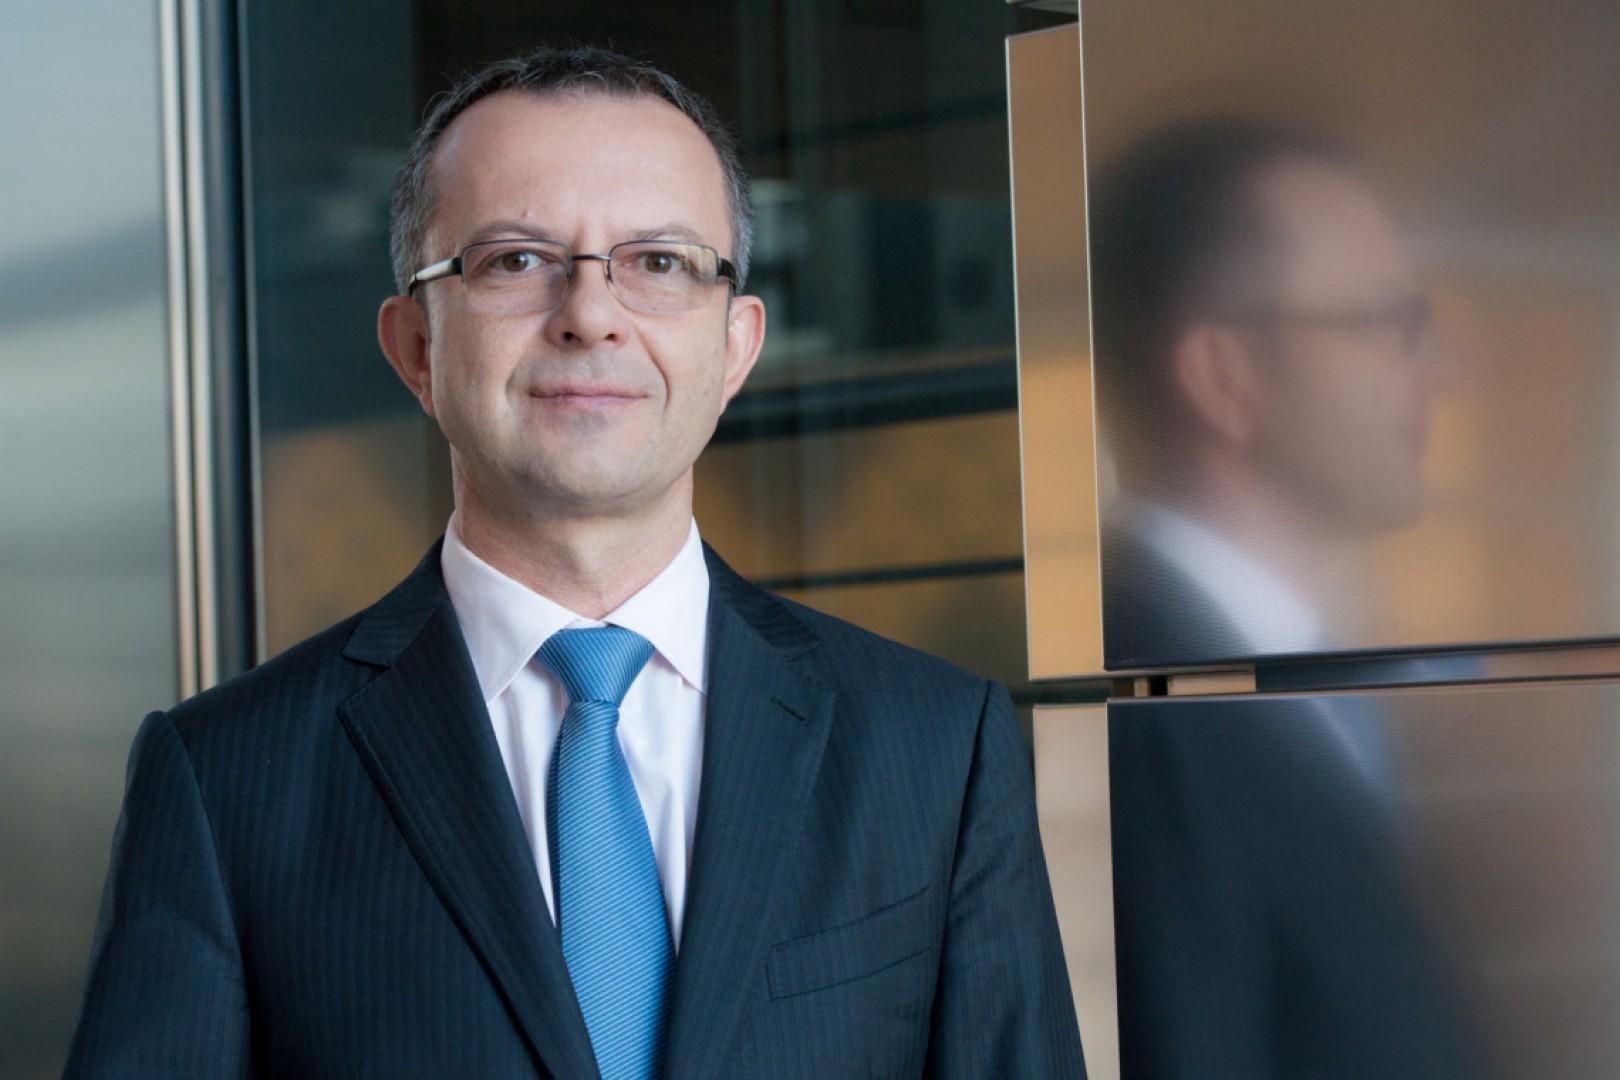 Adam Krzanowski, prezes zarządu Grupy Nowy Styl. Fot. Propertydesign.pl